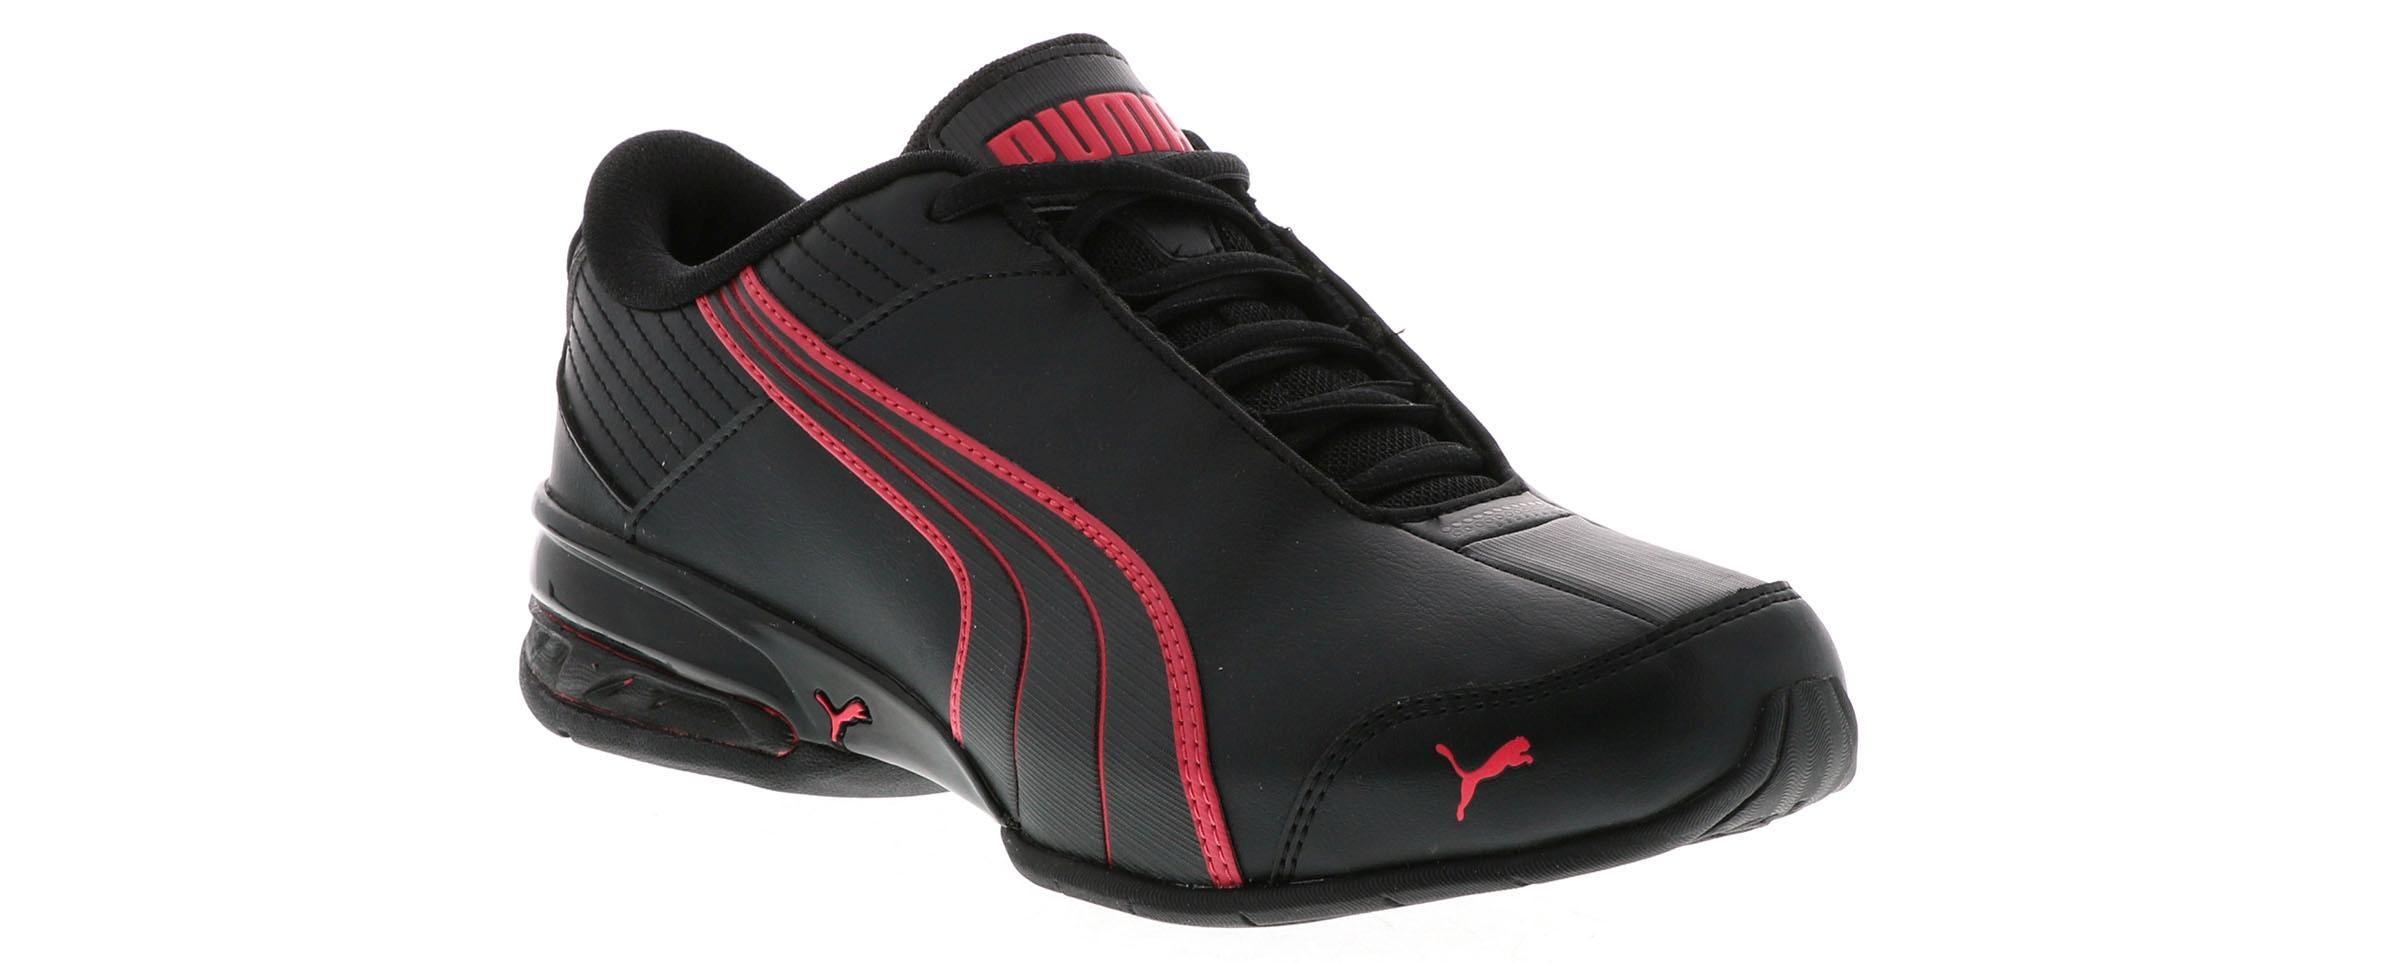 Women's Puma Super Elevate Black | Shoe